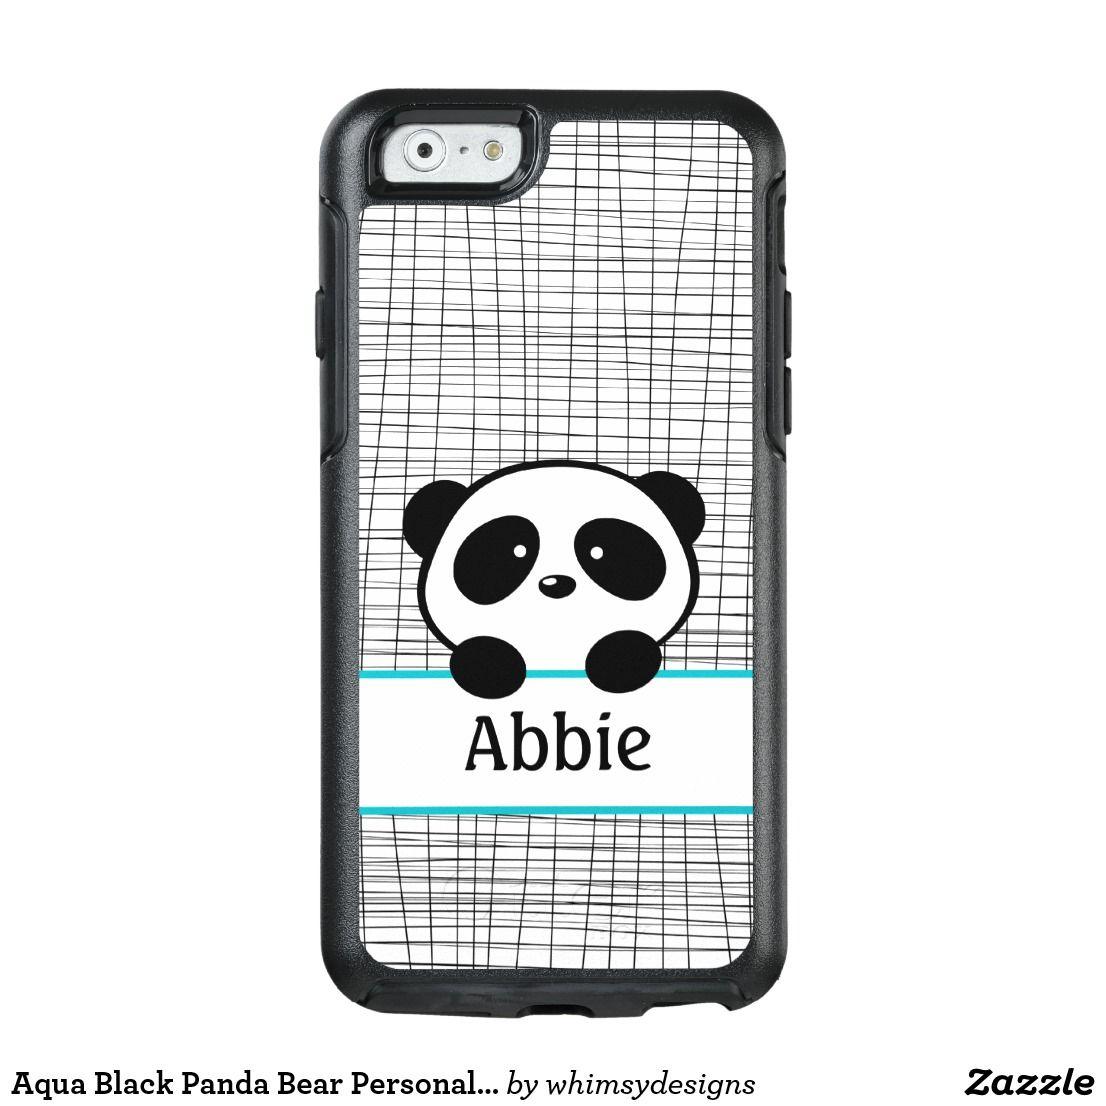 Aqua Black Panda Bear Personalized Animal Kids OtterBox